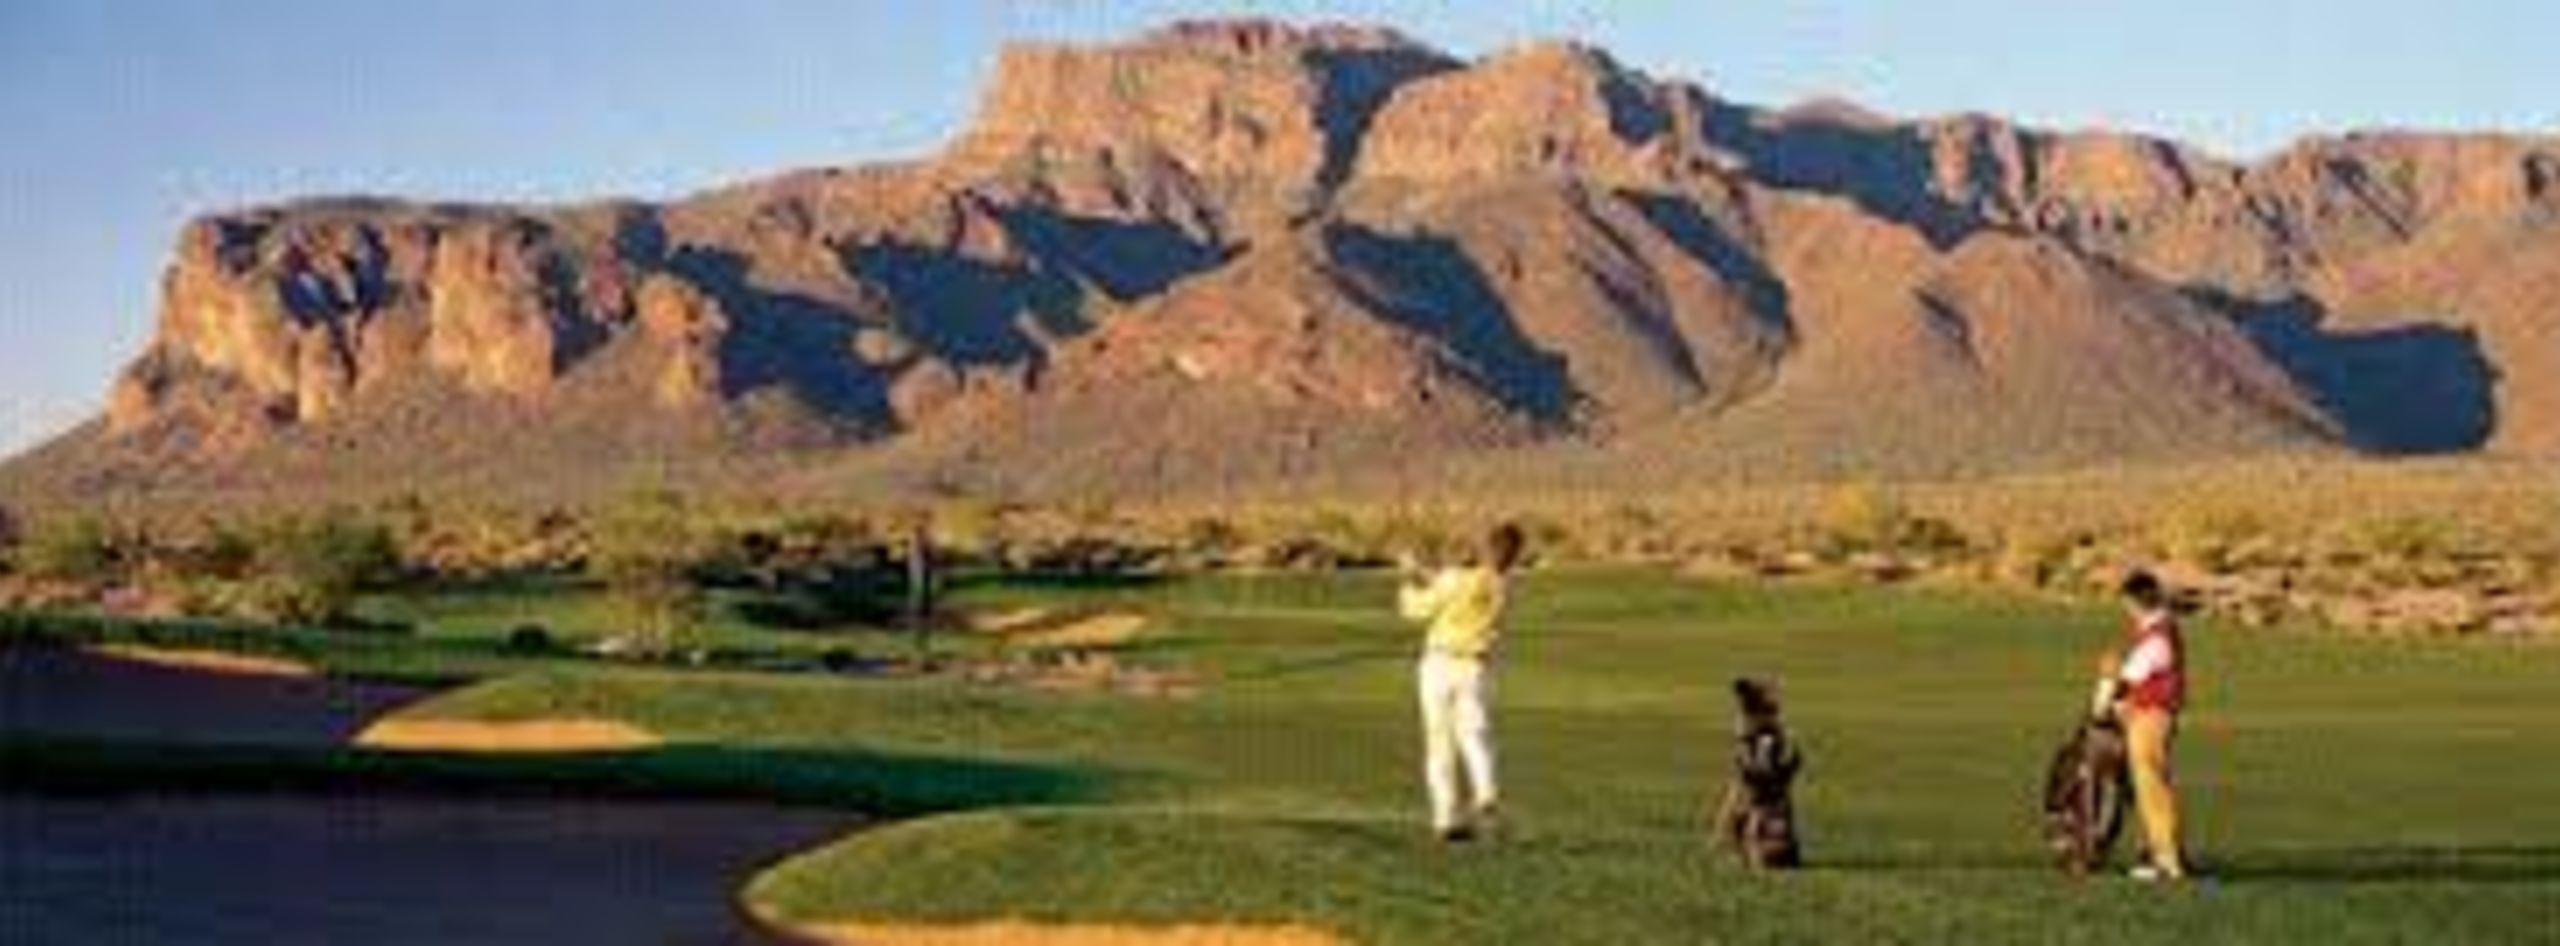 Enjoy the striking views while golfing